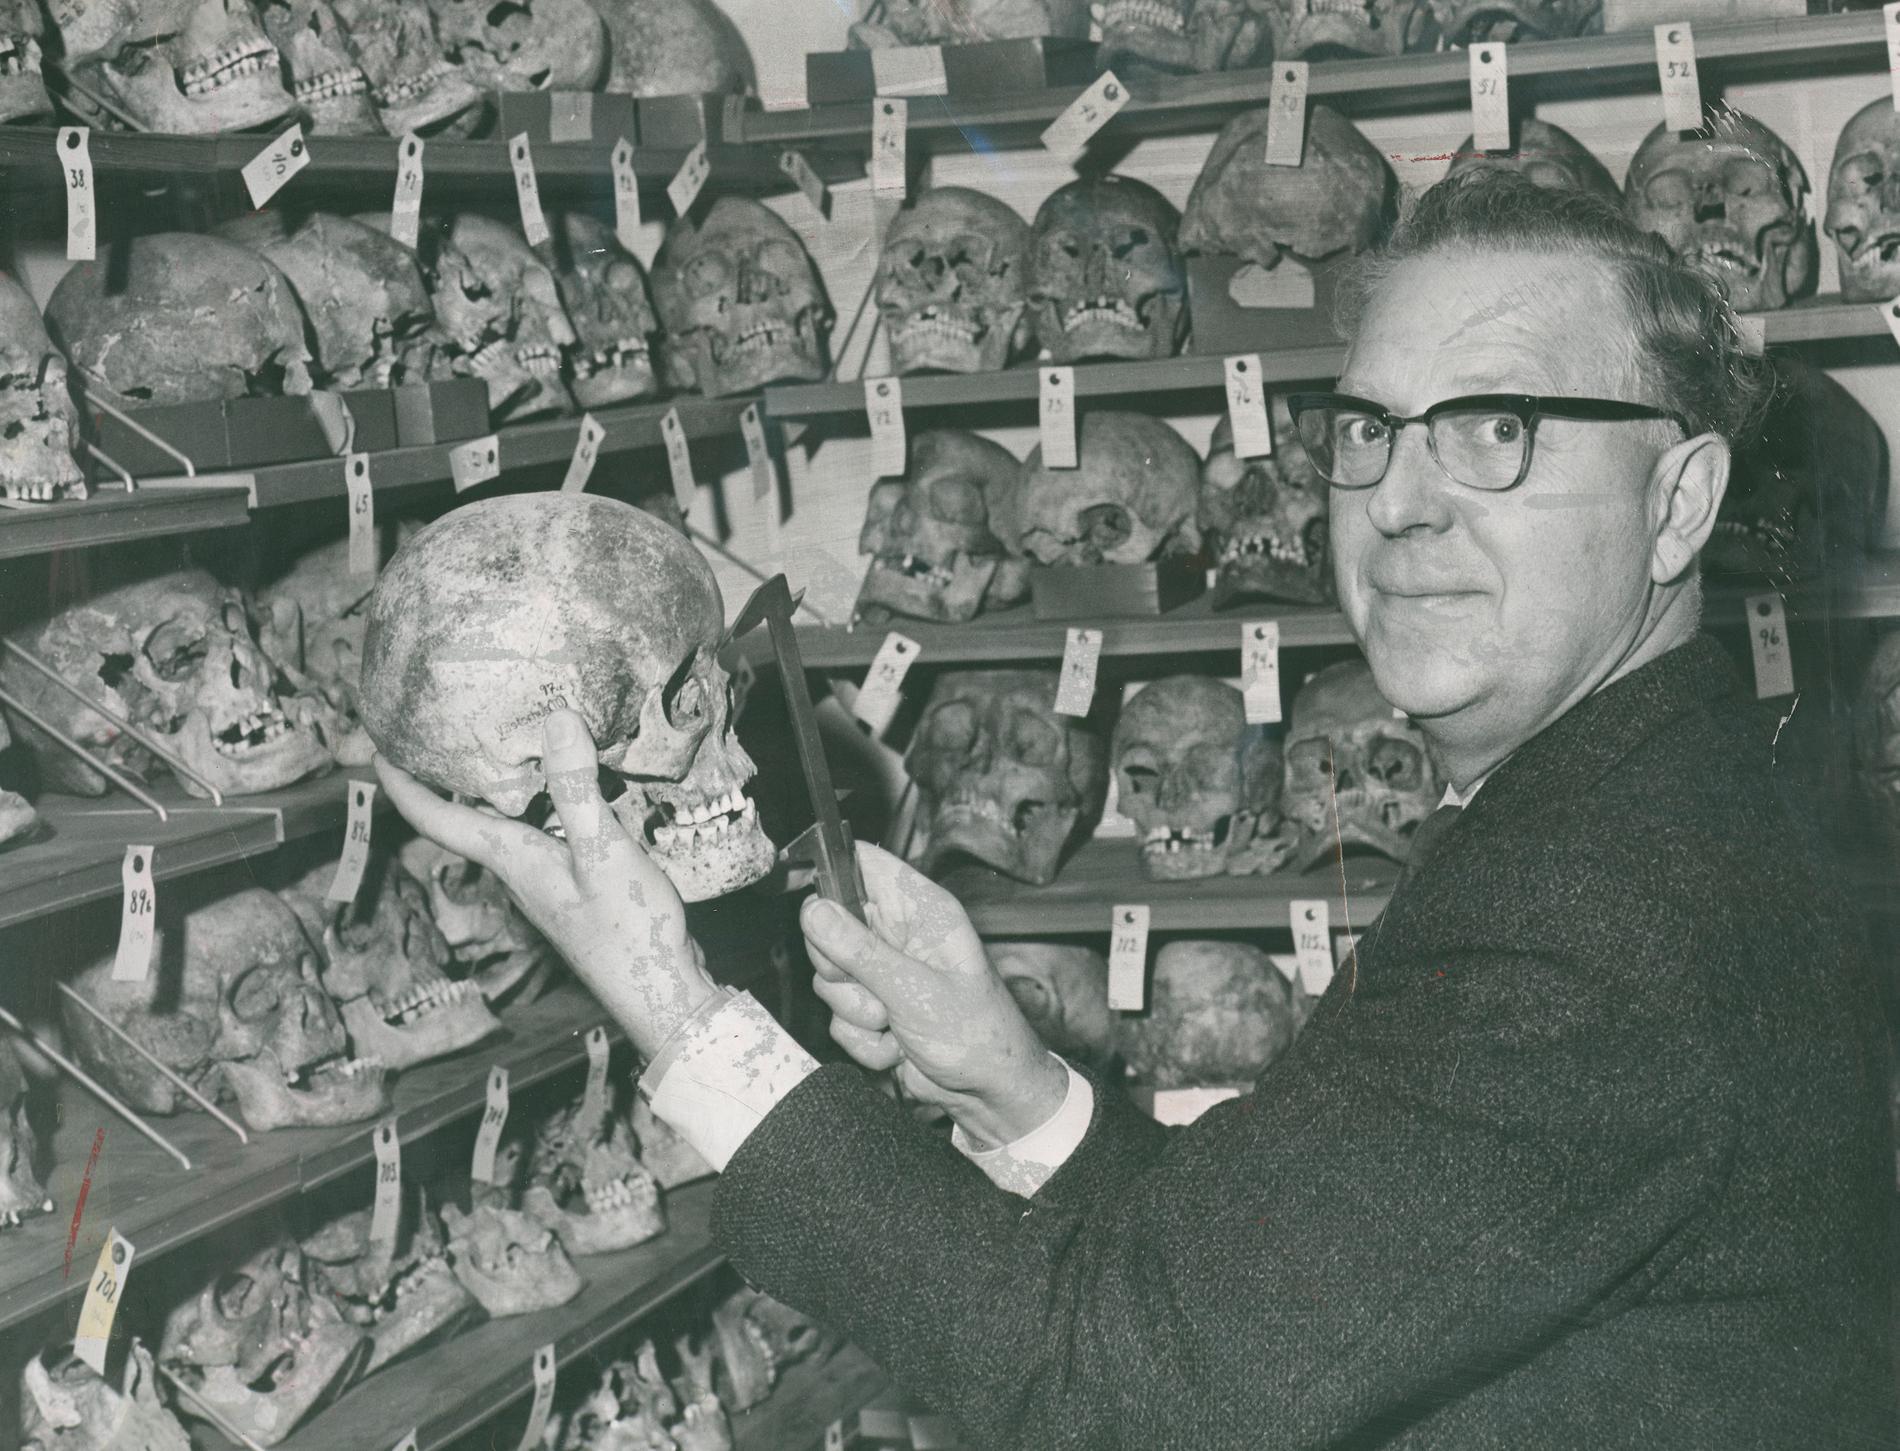 I samband med återlämningen av kvarlevorna har man nu upptäckt att den internationellt kända svenska forskaren Nils-Gustaf Gejvall ägnade sig åt rasbiologi.